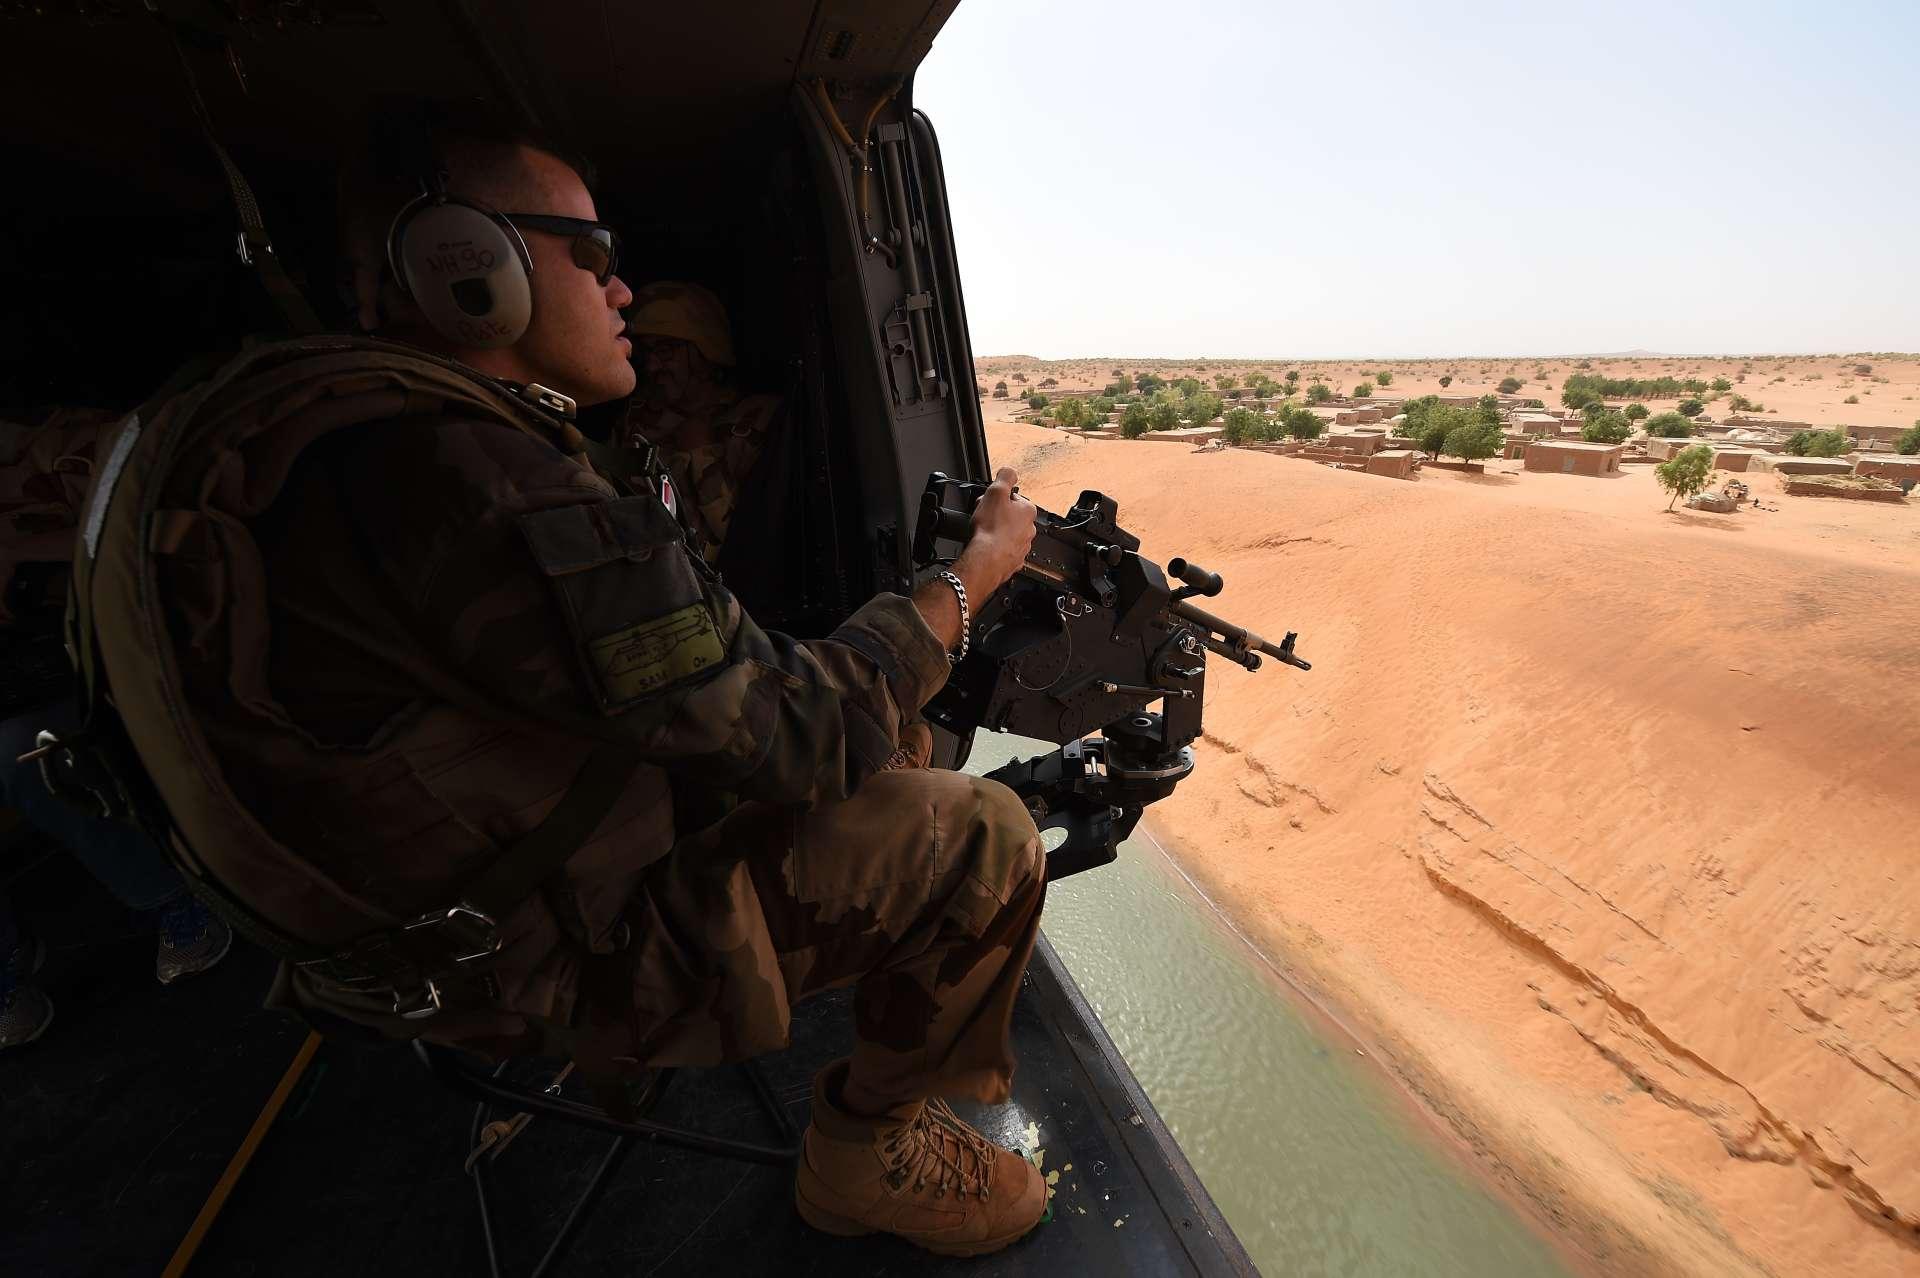 Un soldat français de l'opération «Barkhane» lors d'un survol sur le territoire malien, le 12 mars 2016.